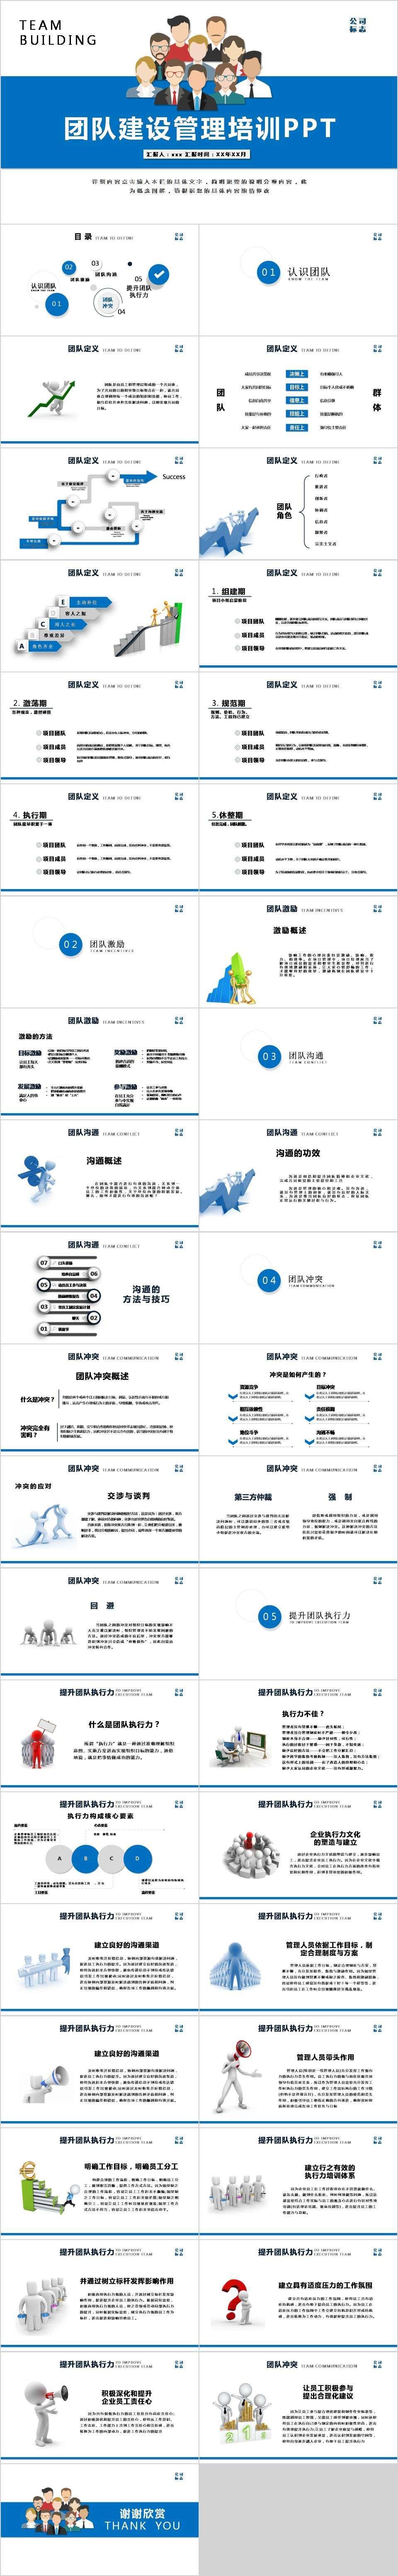 人力资源学习网_公司人力资源团队建设与管理培训通用ppt-PPT模板-图创网